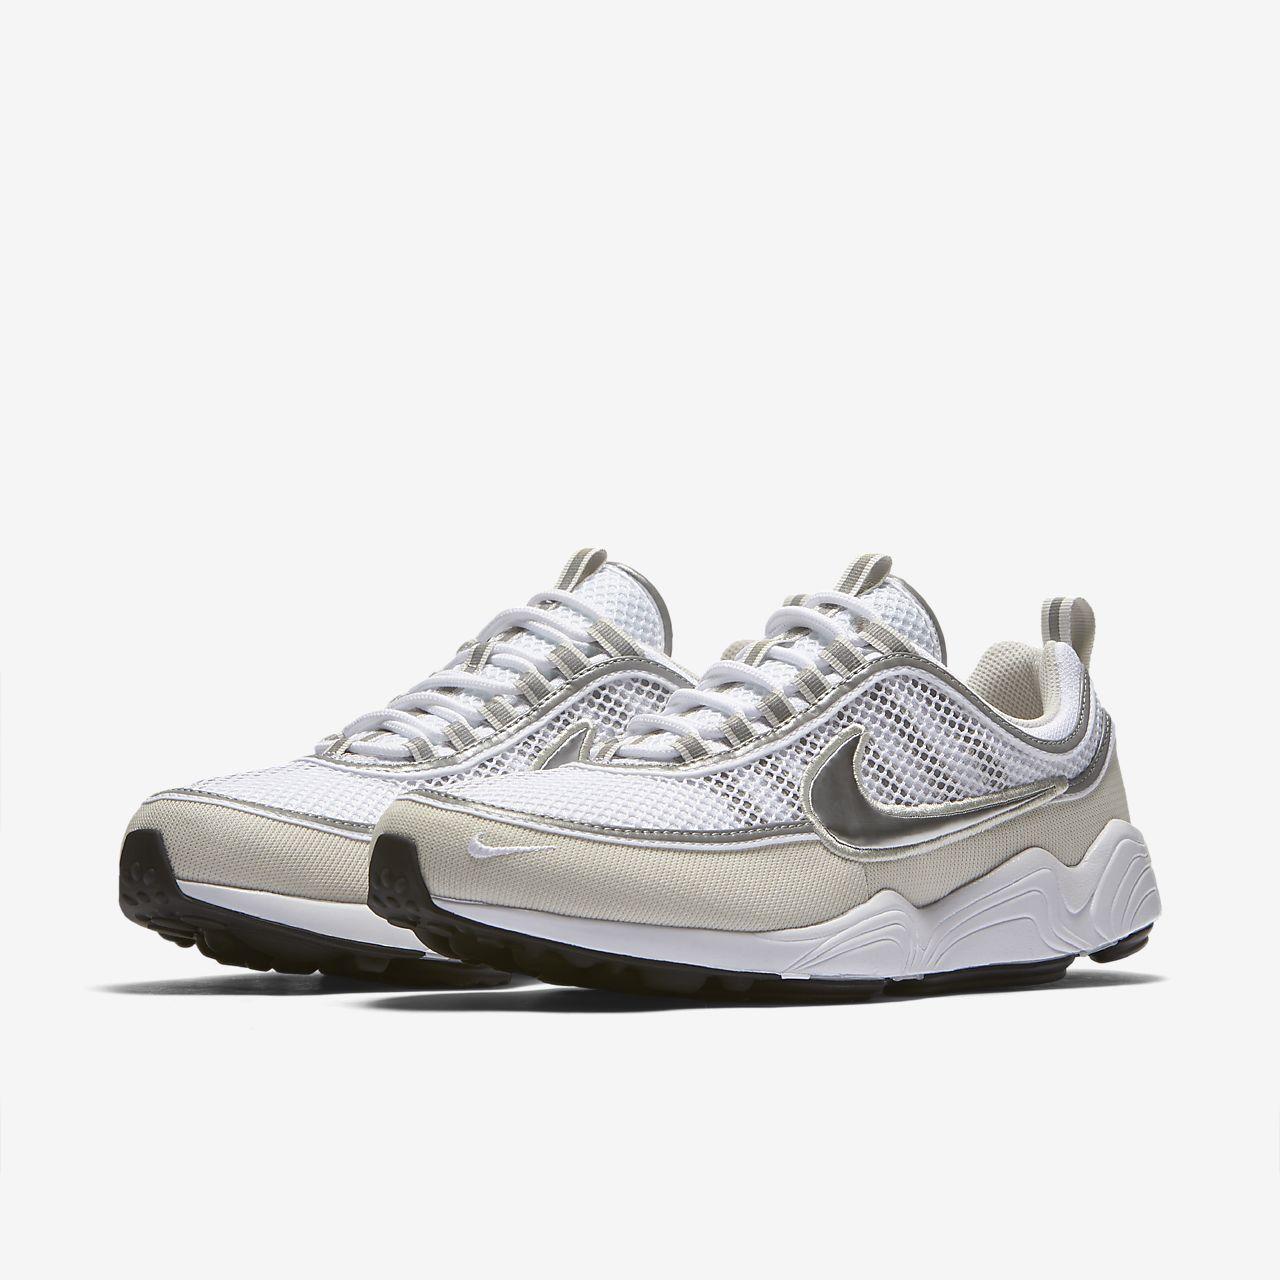 sale retailer 88e09 9e880 ... Chaussure Nike Air Zoom Spiridon  16 pour Homme